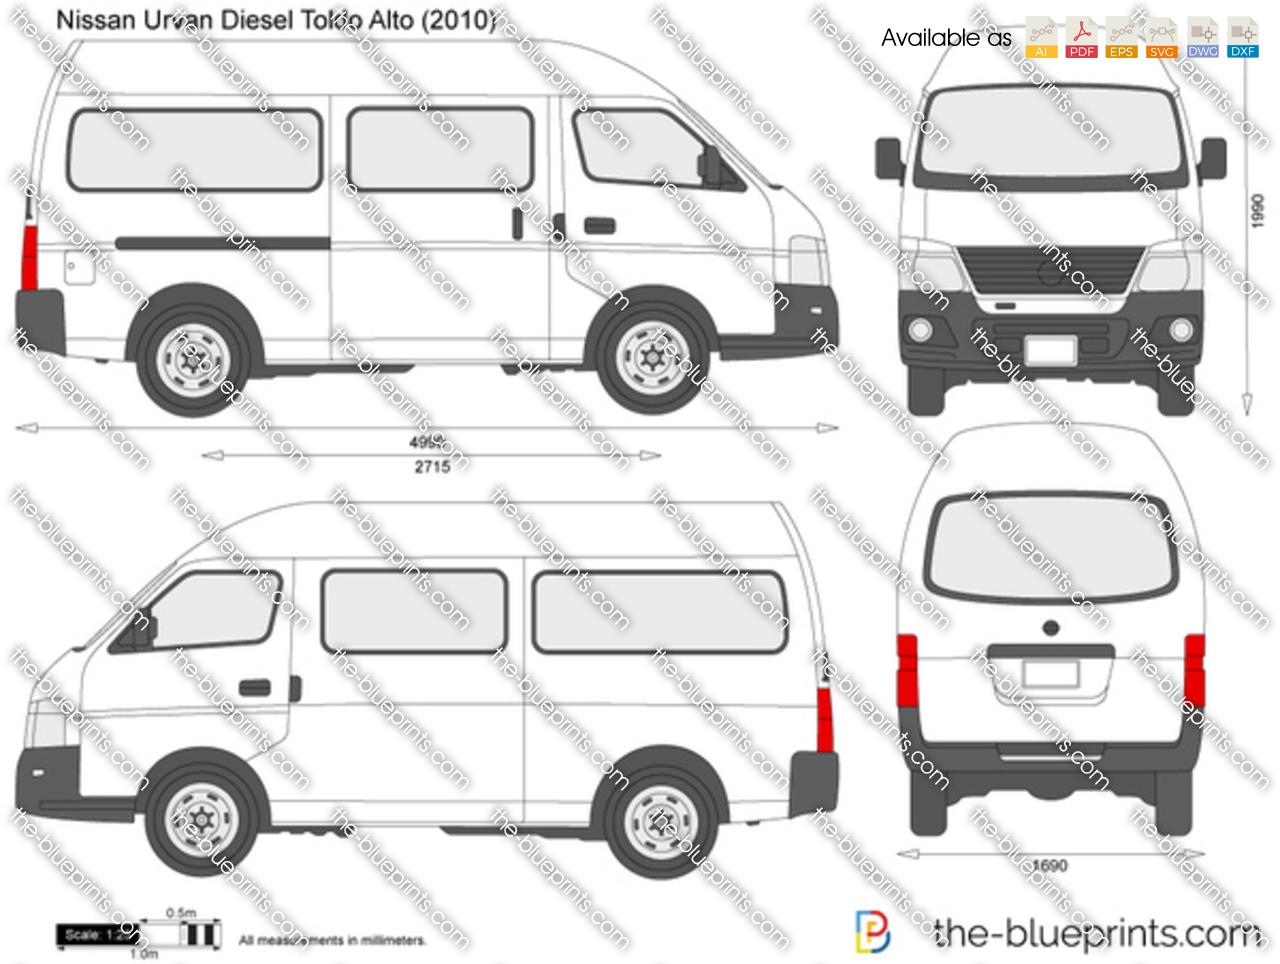 Nissan Urvan Diesel Toldo Alto 2017